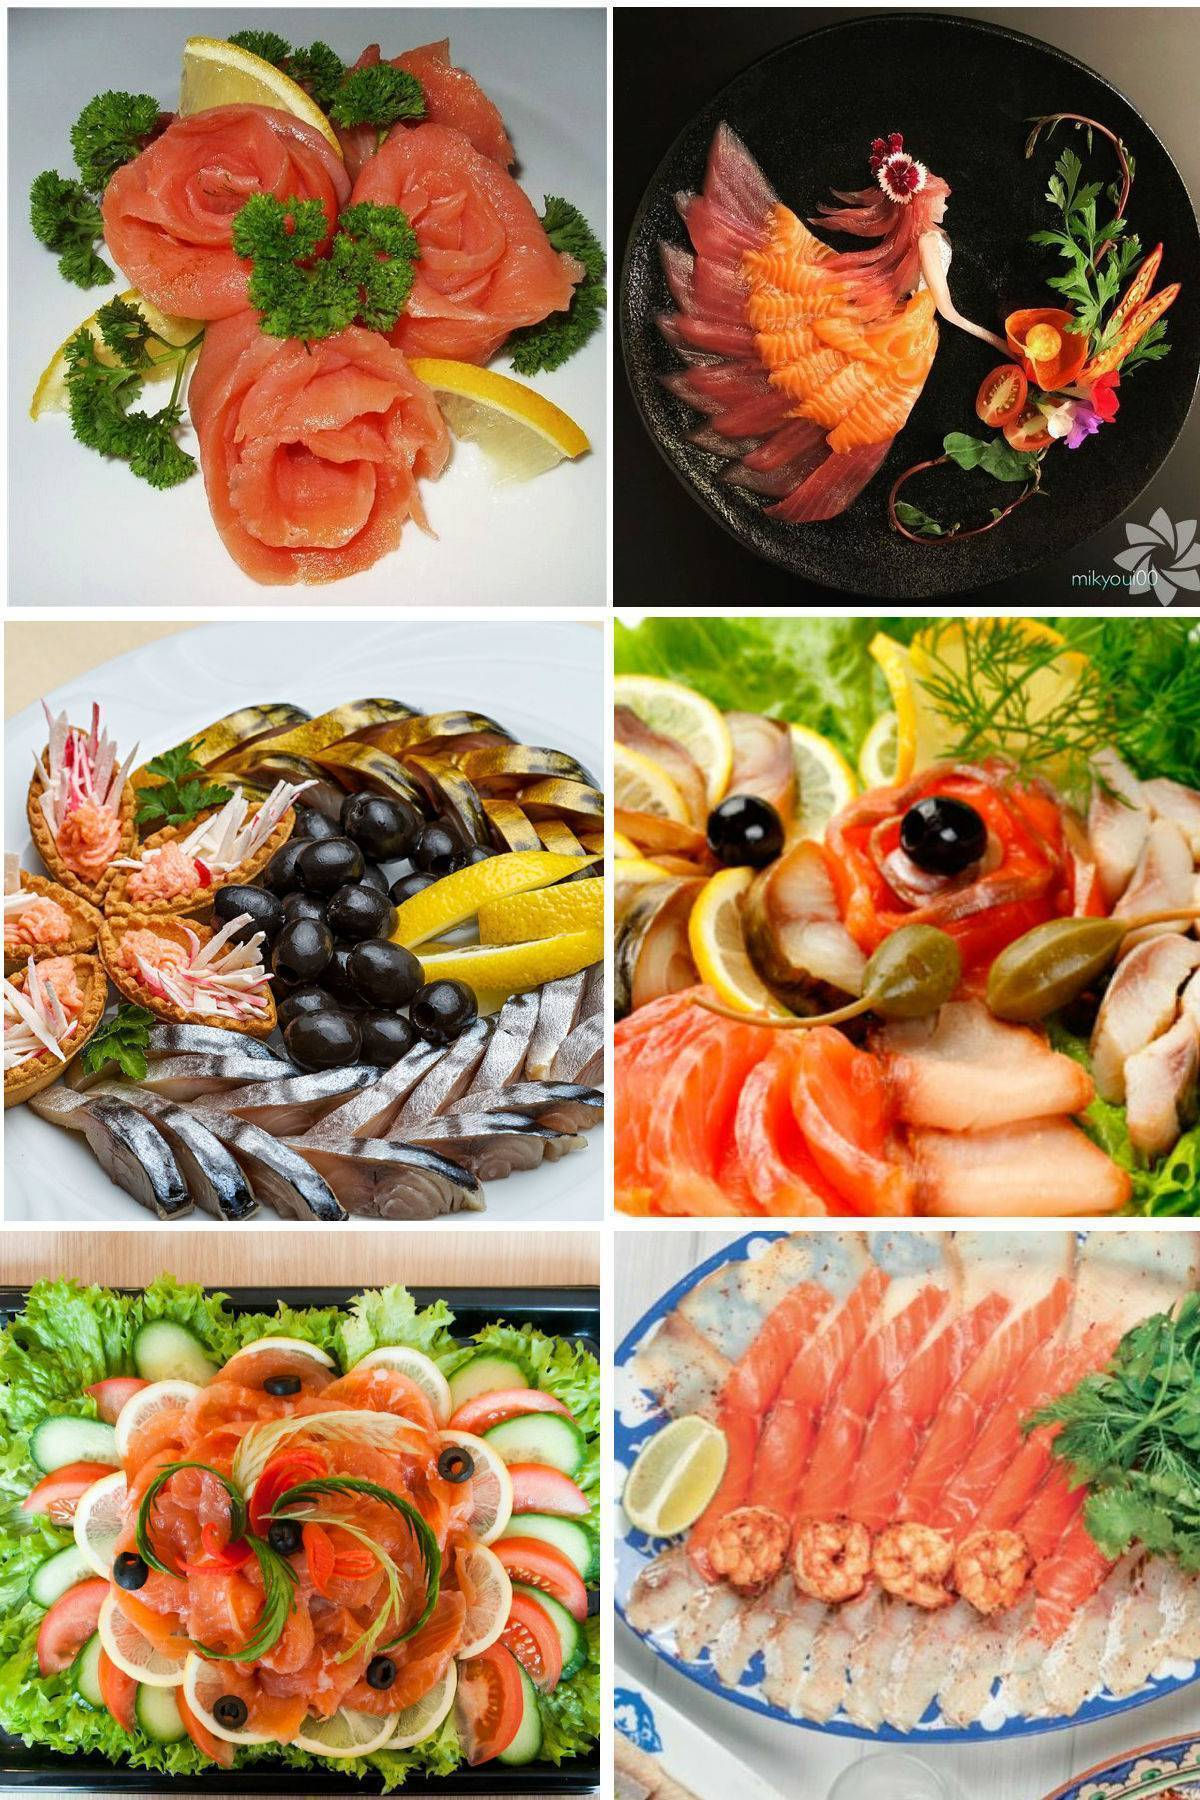 Нарезка красной рыбы на праздничный стол